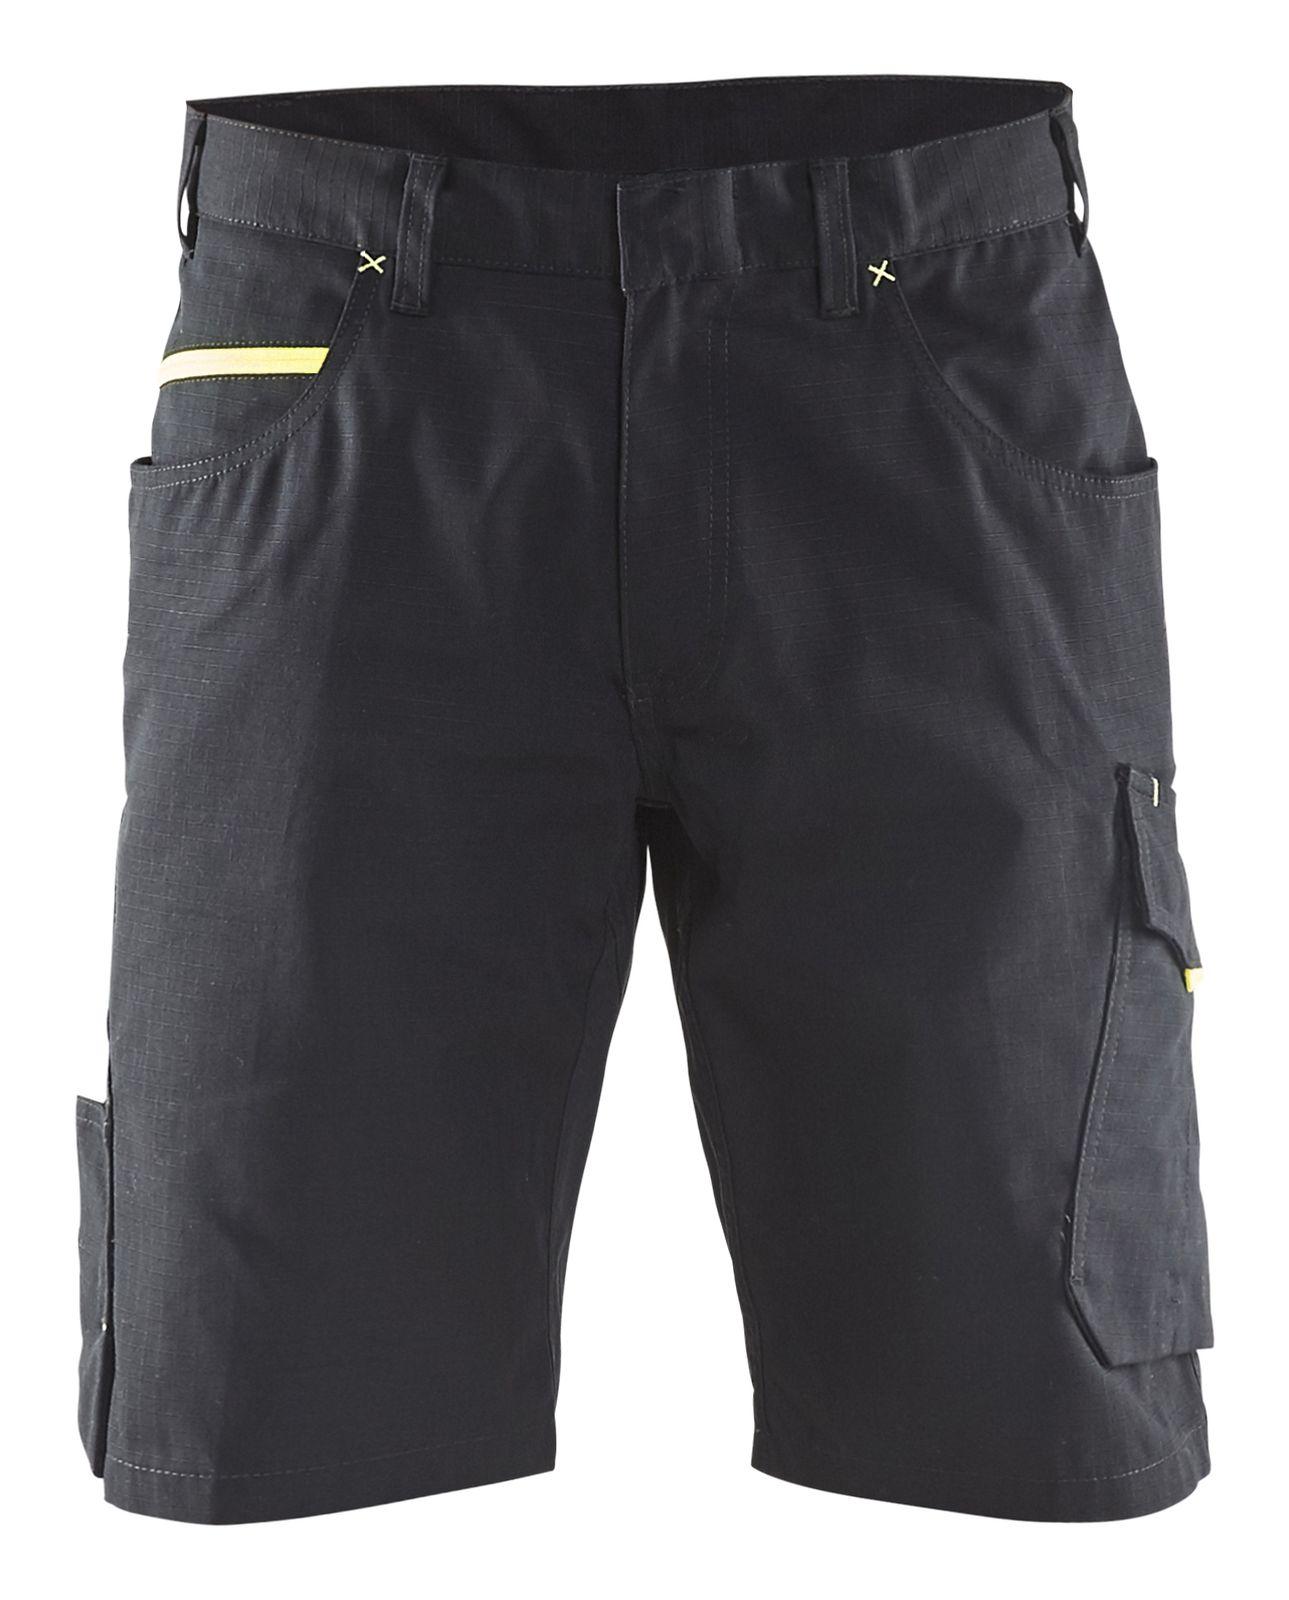 Blaklader Broeken 14991330 zwart-geel(9933)